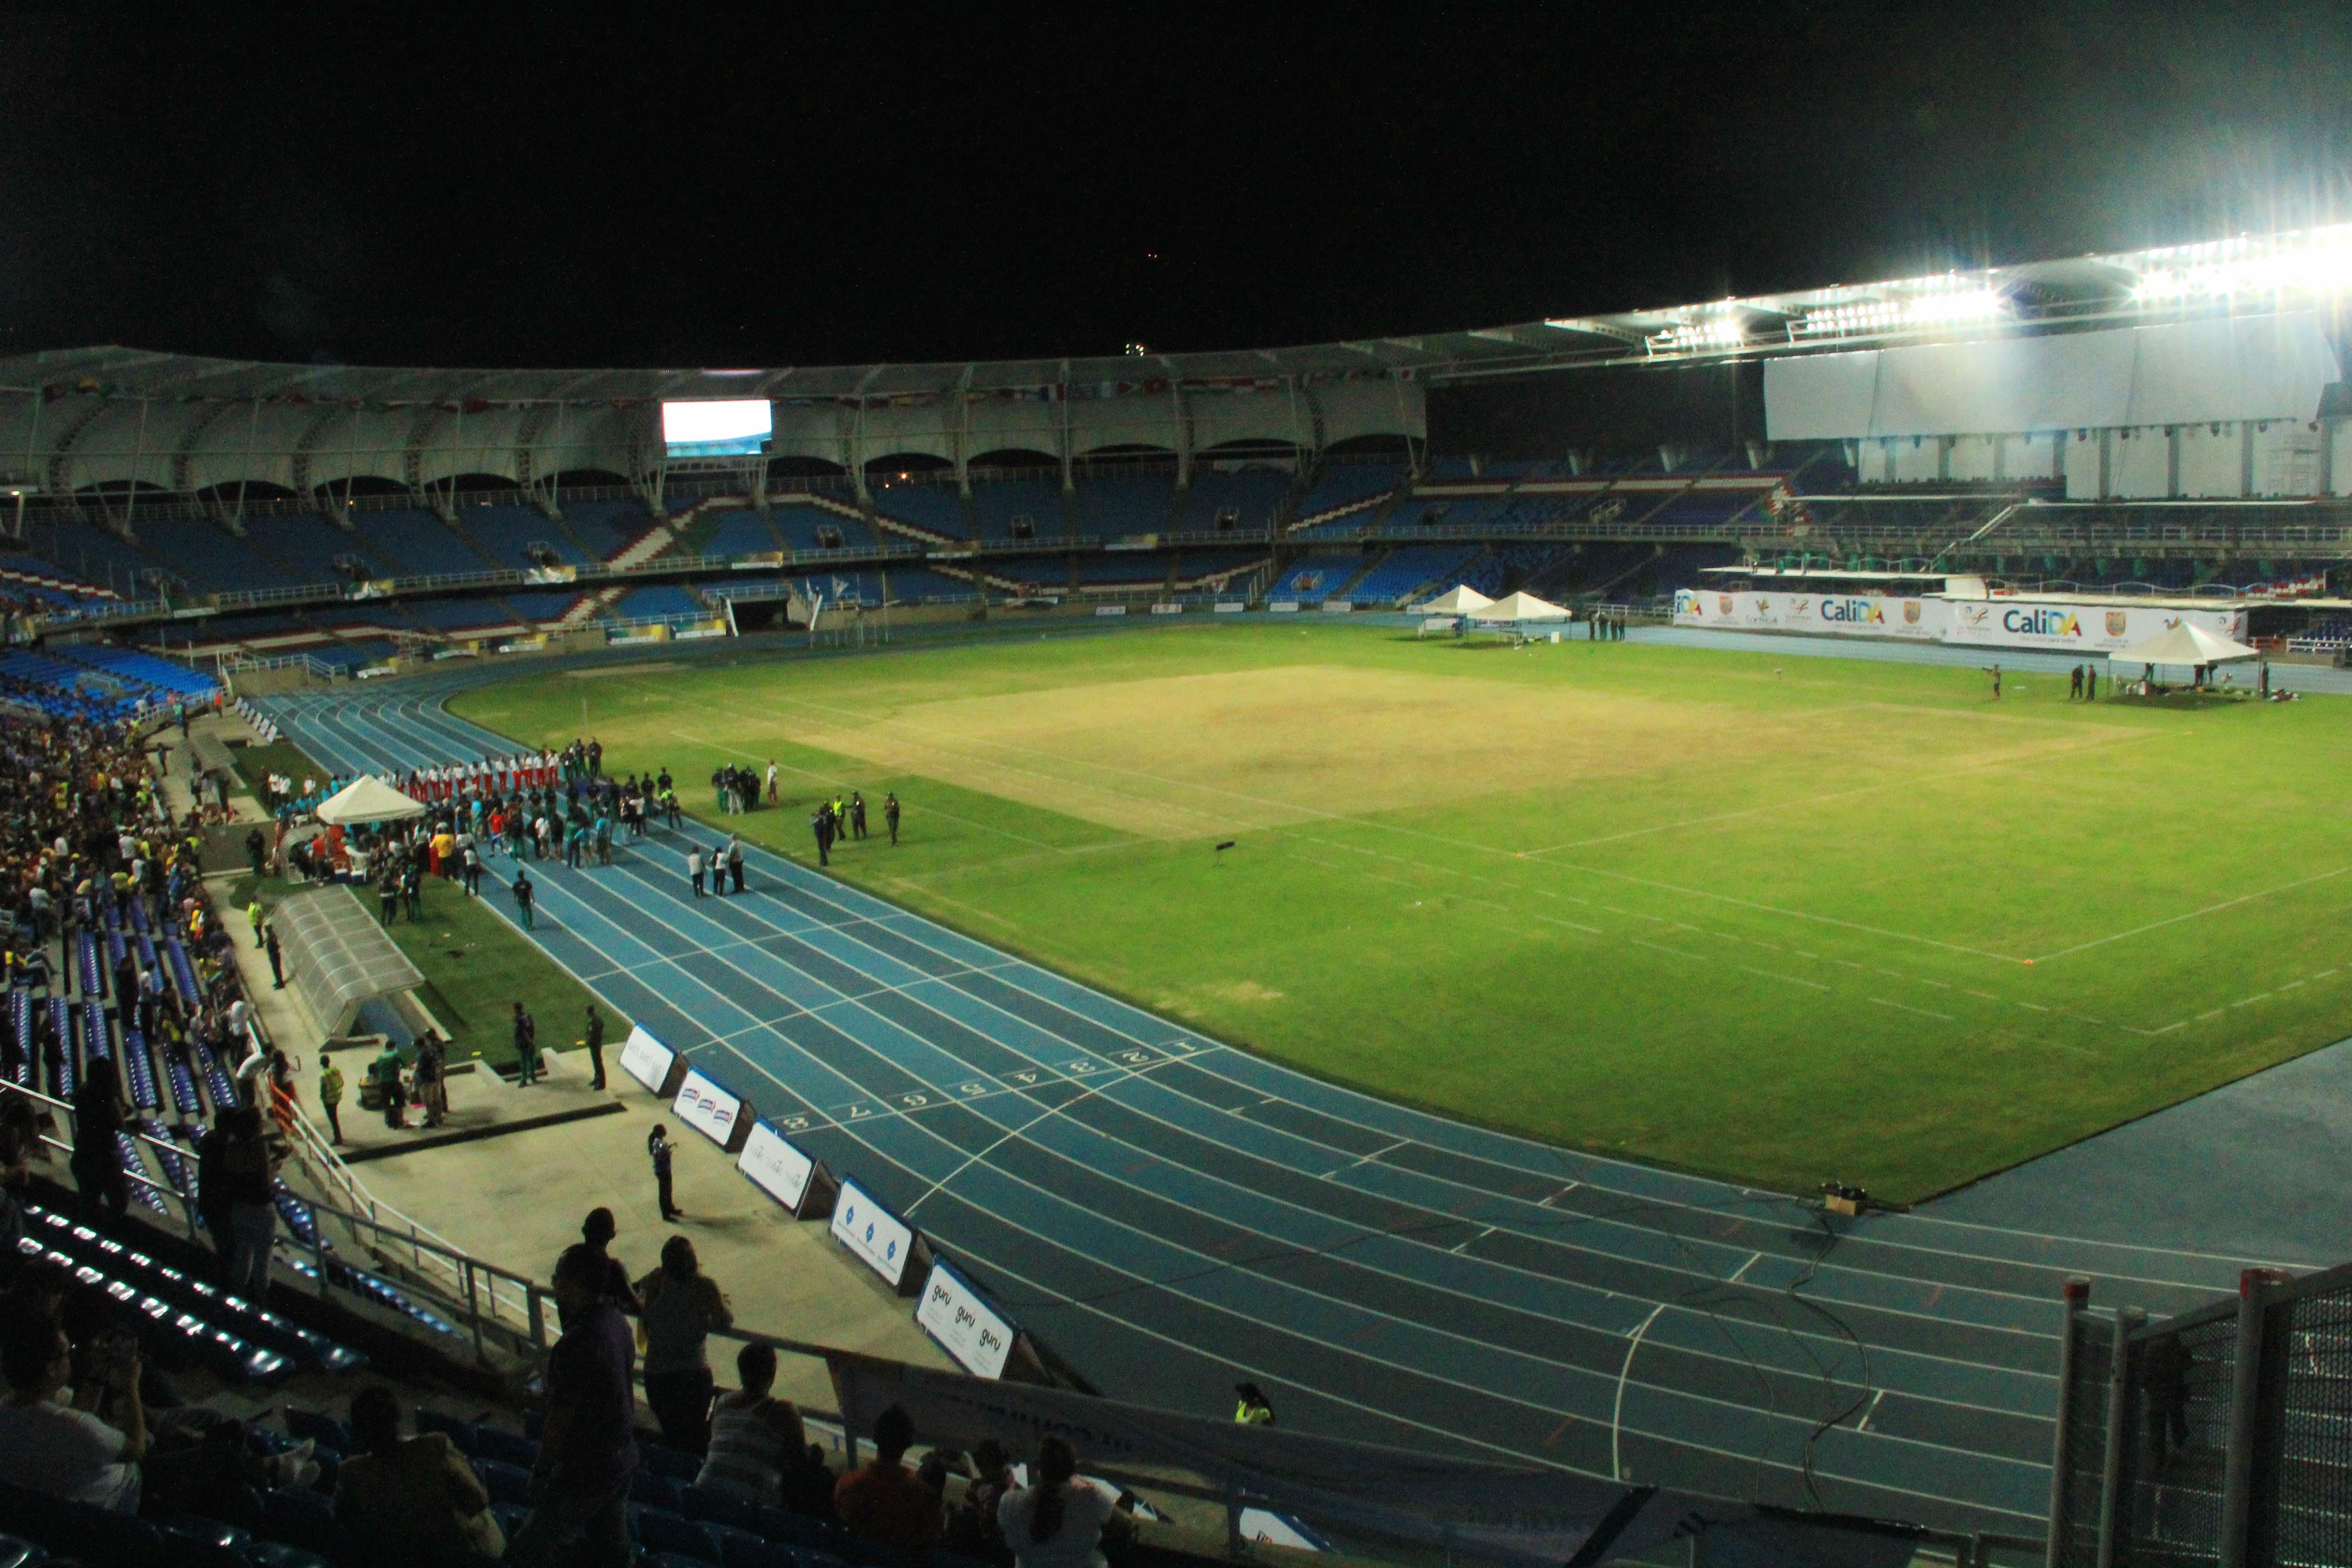 Juegos Mundiales tienen al límite el gramado del estadio Pascual Guerrero.